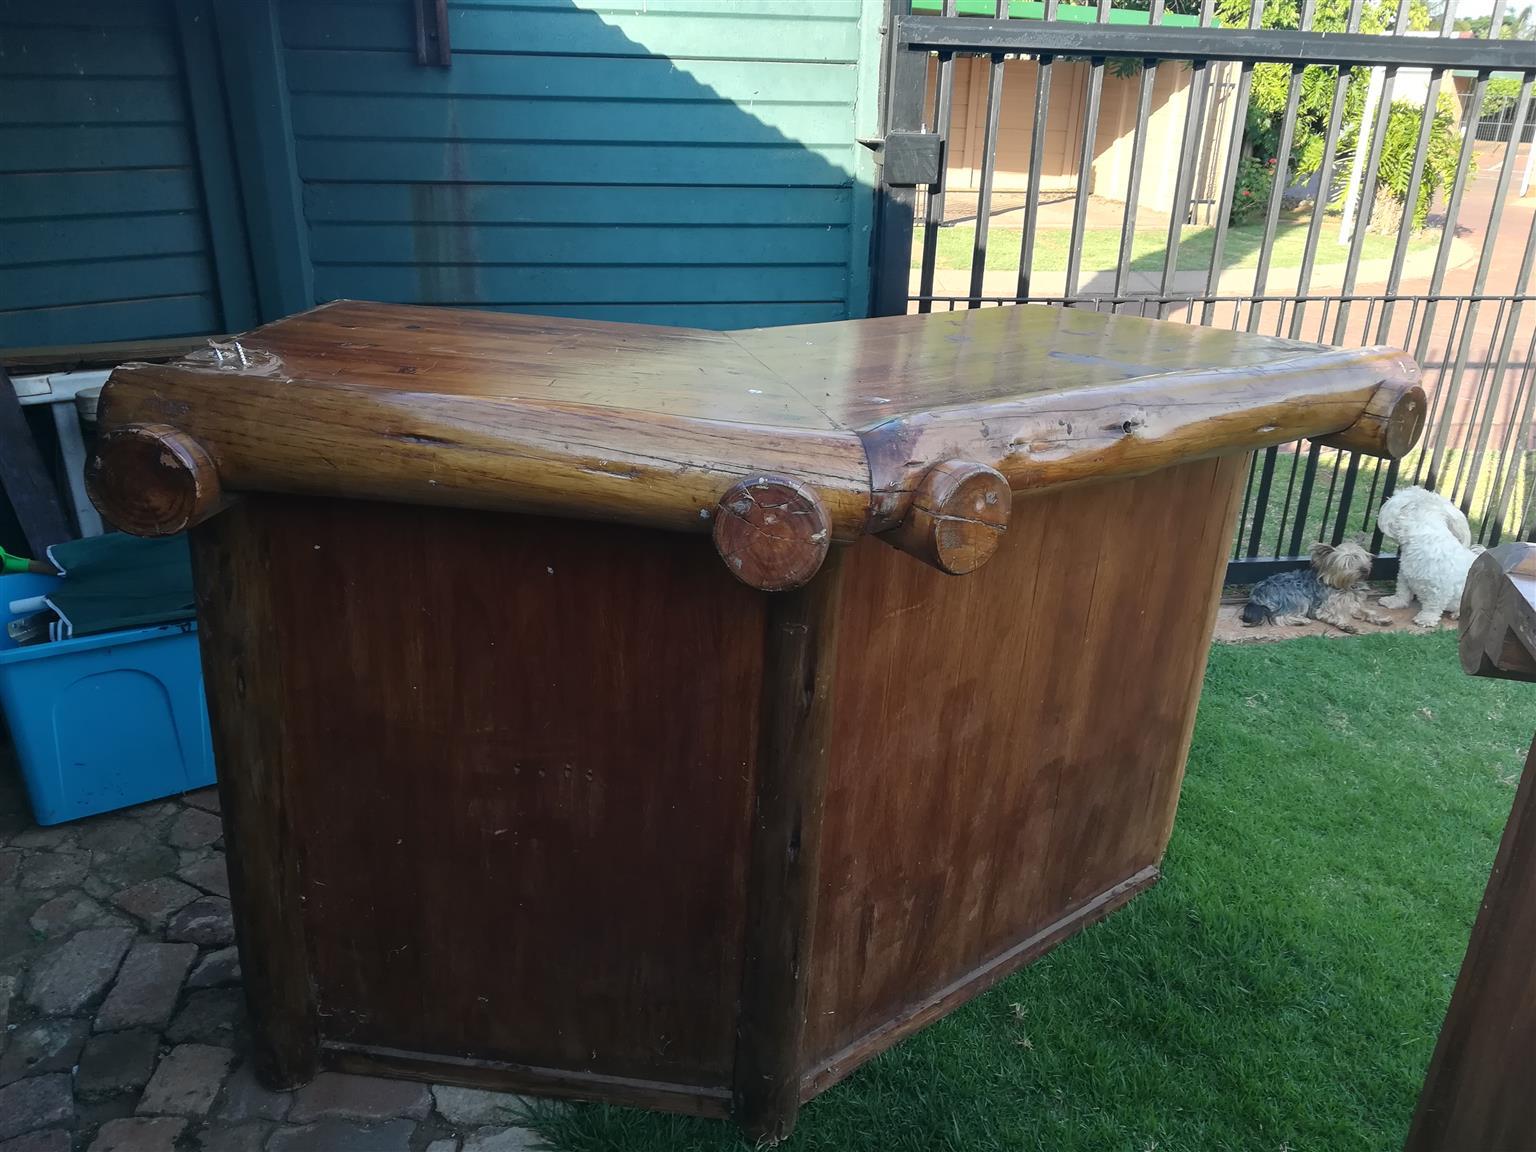 Sitplek sleeper hout bar te koop junk mail